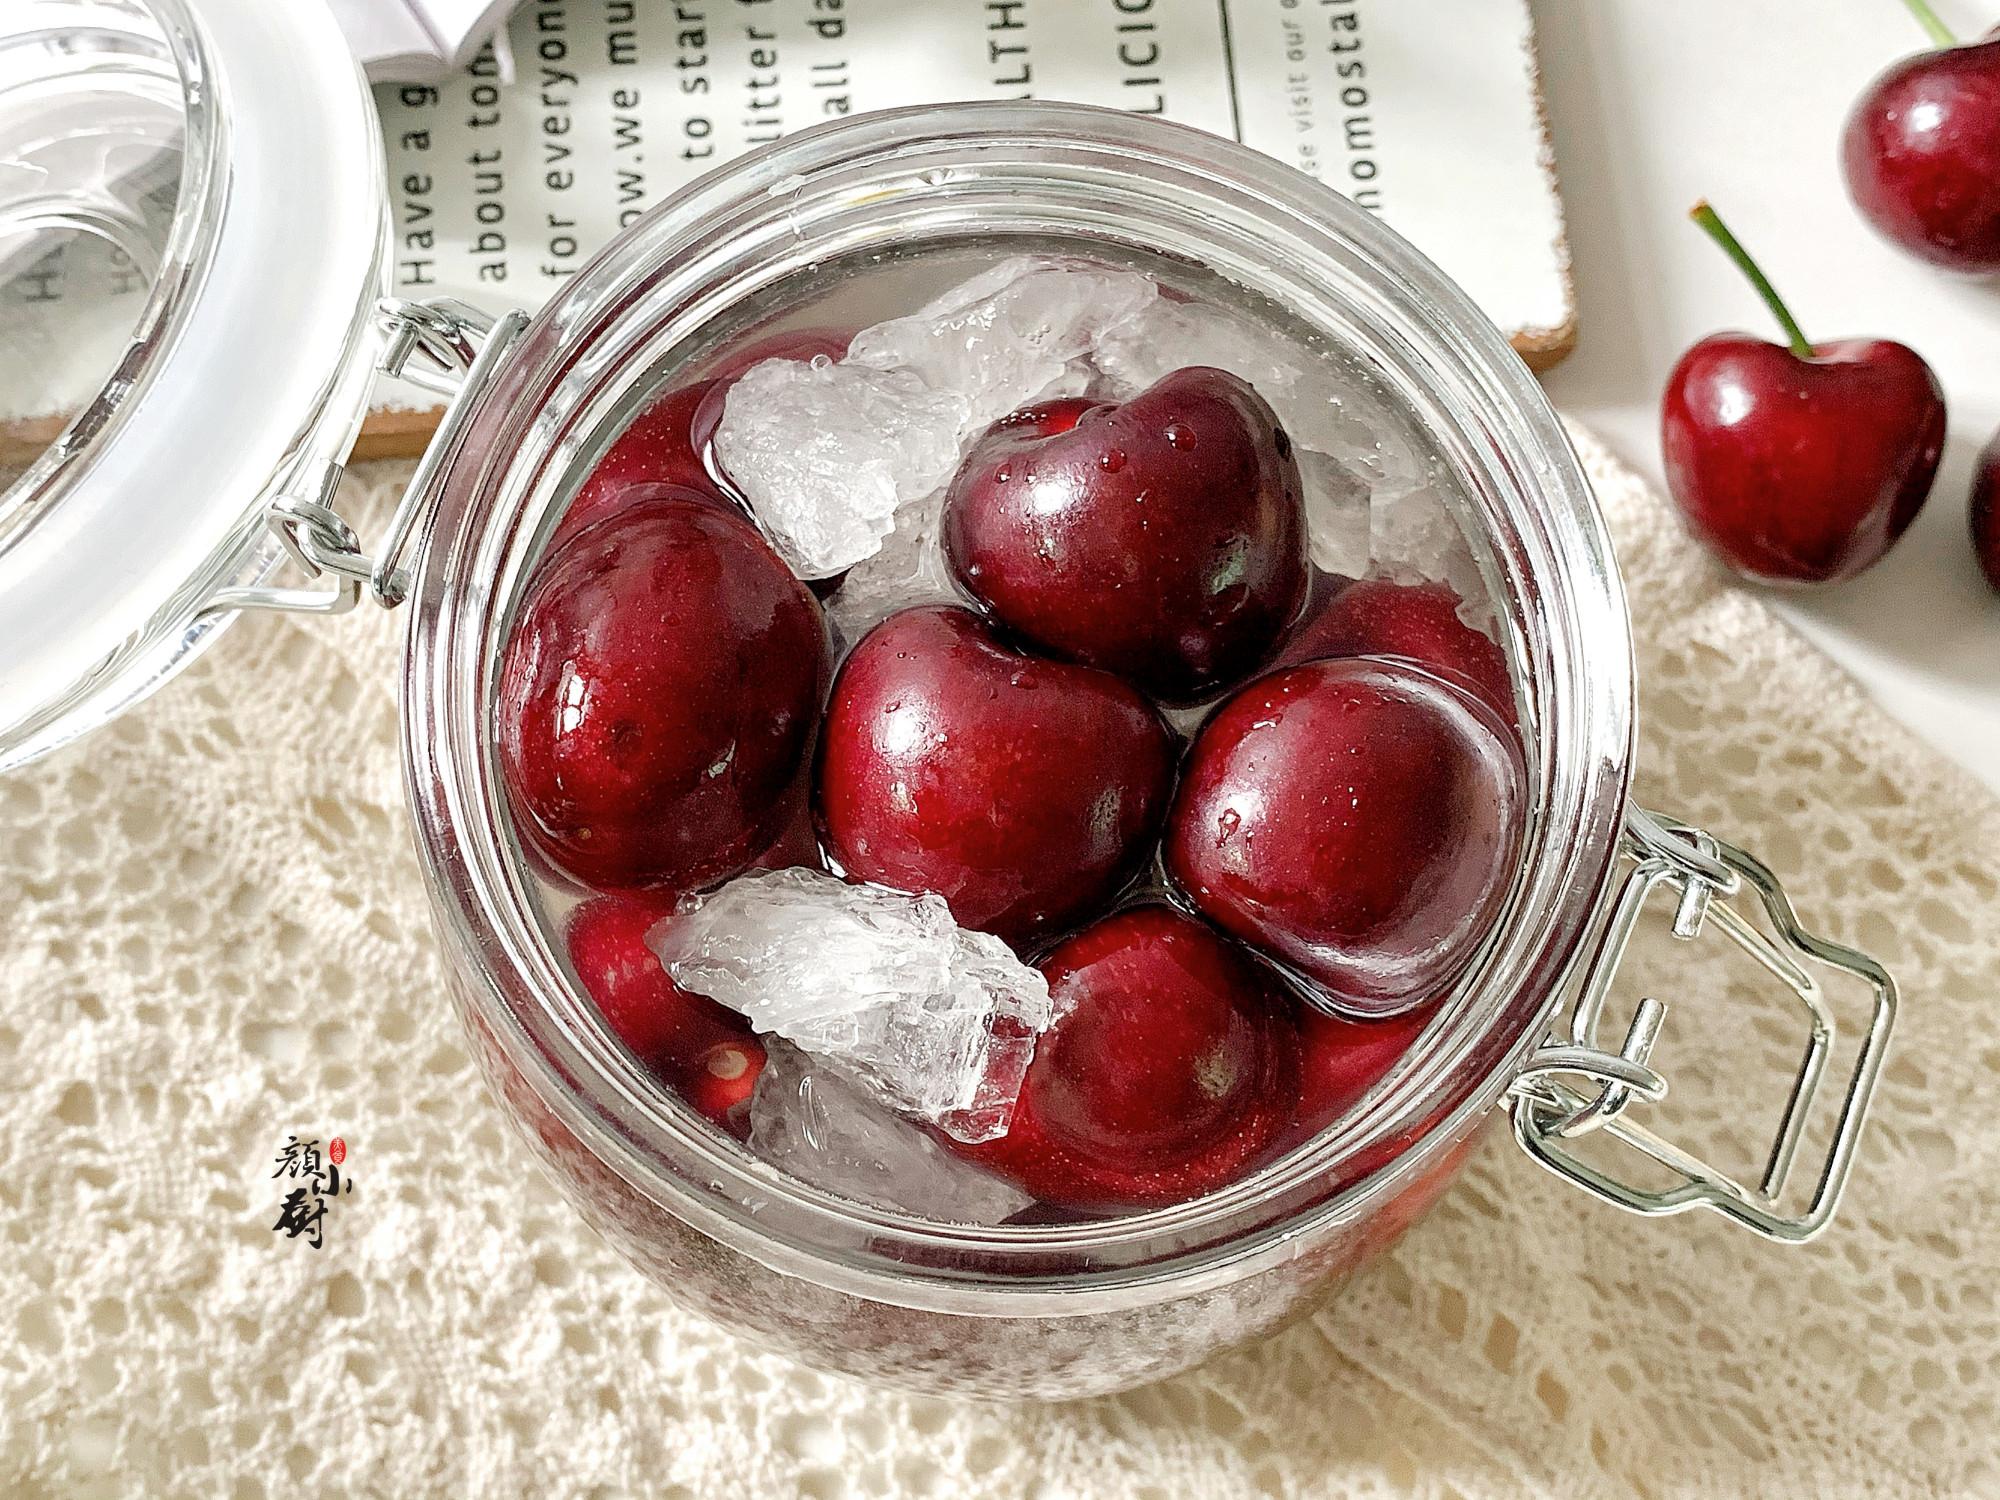 4月,遇到这碱性水果别手软,目前正是上市季,营养极高,别错过 美食做法 第1张